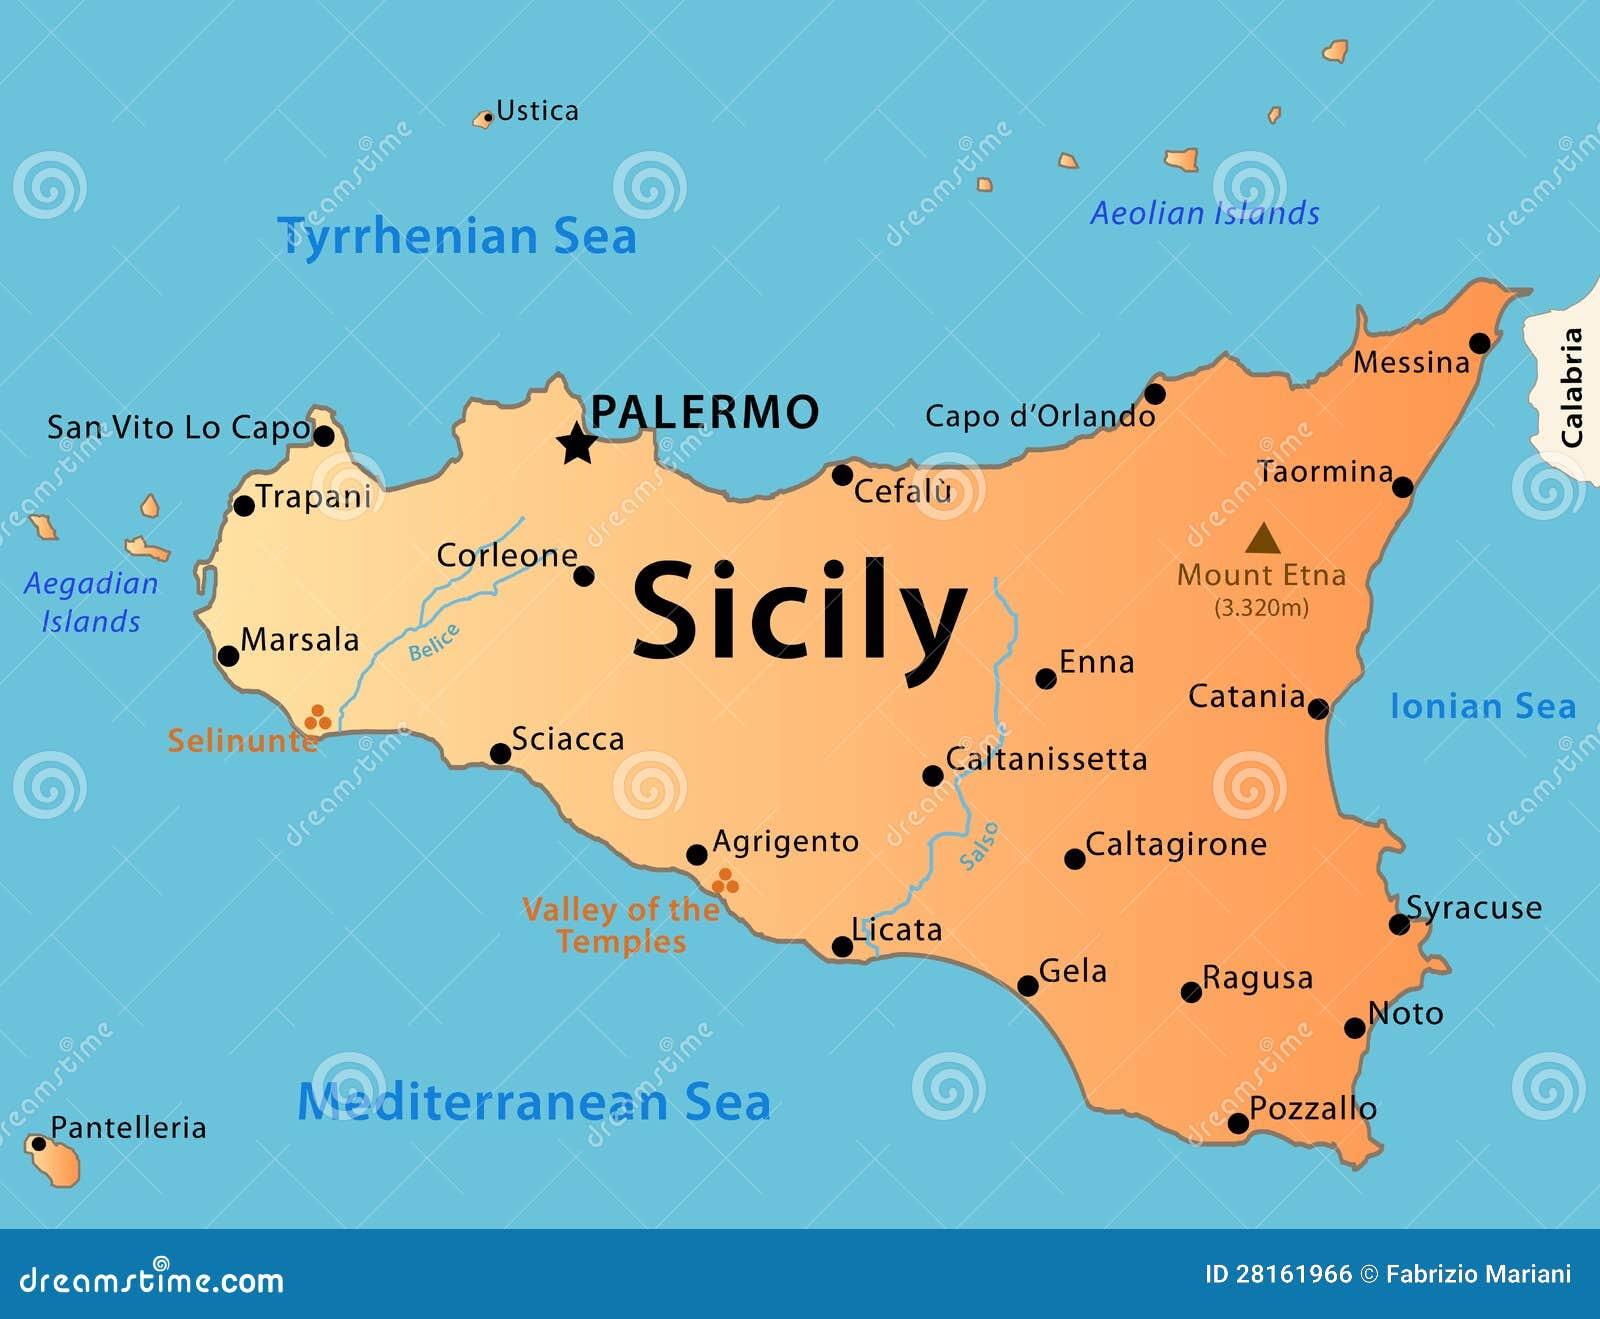 Cartina Della Sicilia Con Tutte Le Citta.Mappa Della Sicilia Illustrazione Vettoriale Illustrazione Di Tracciato 28161966